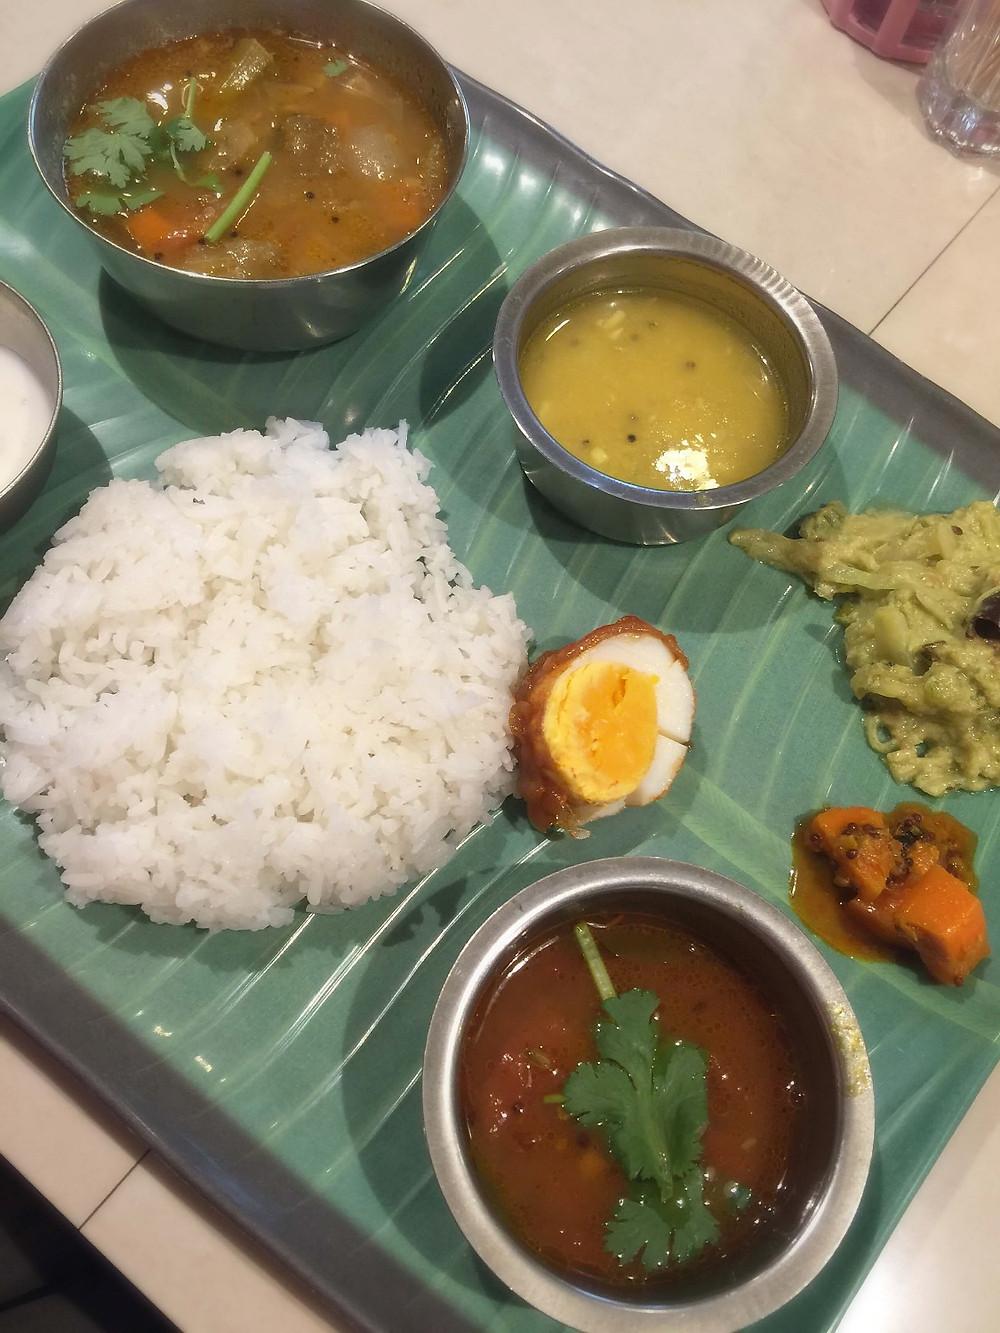 The Vegetarian Meals at Chowk - with Malaysian sambar egg